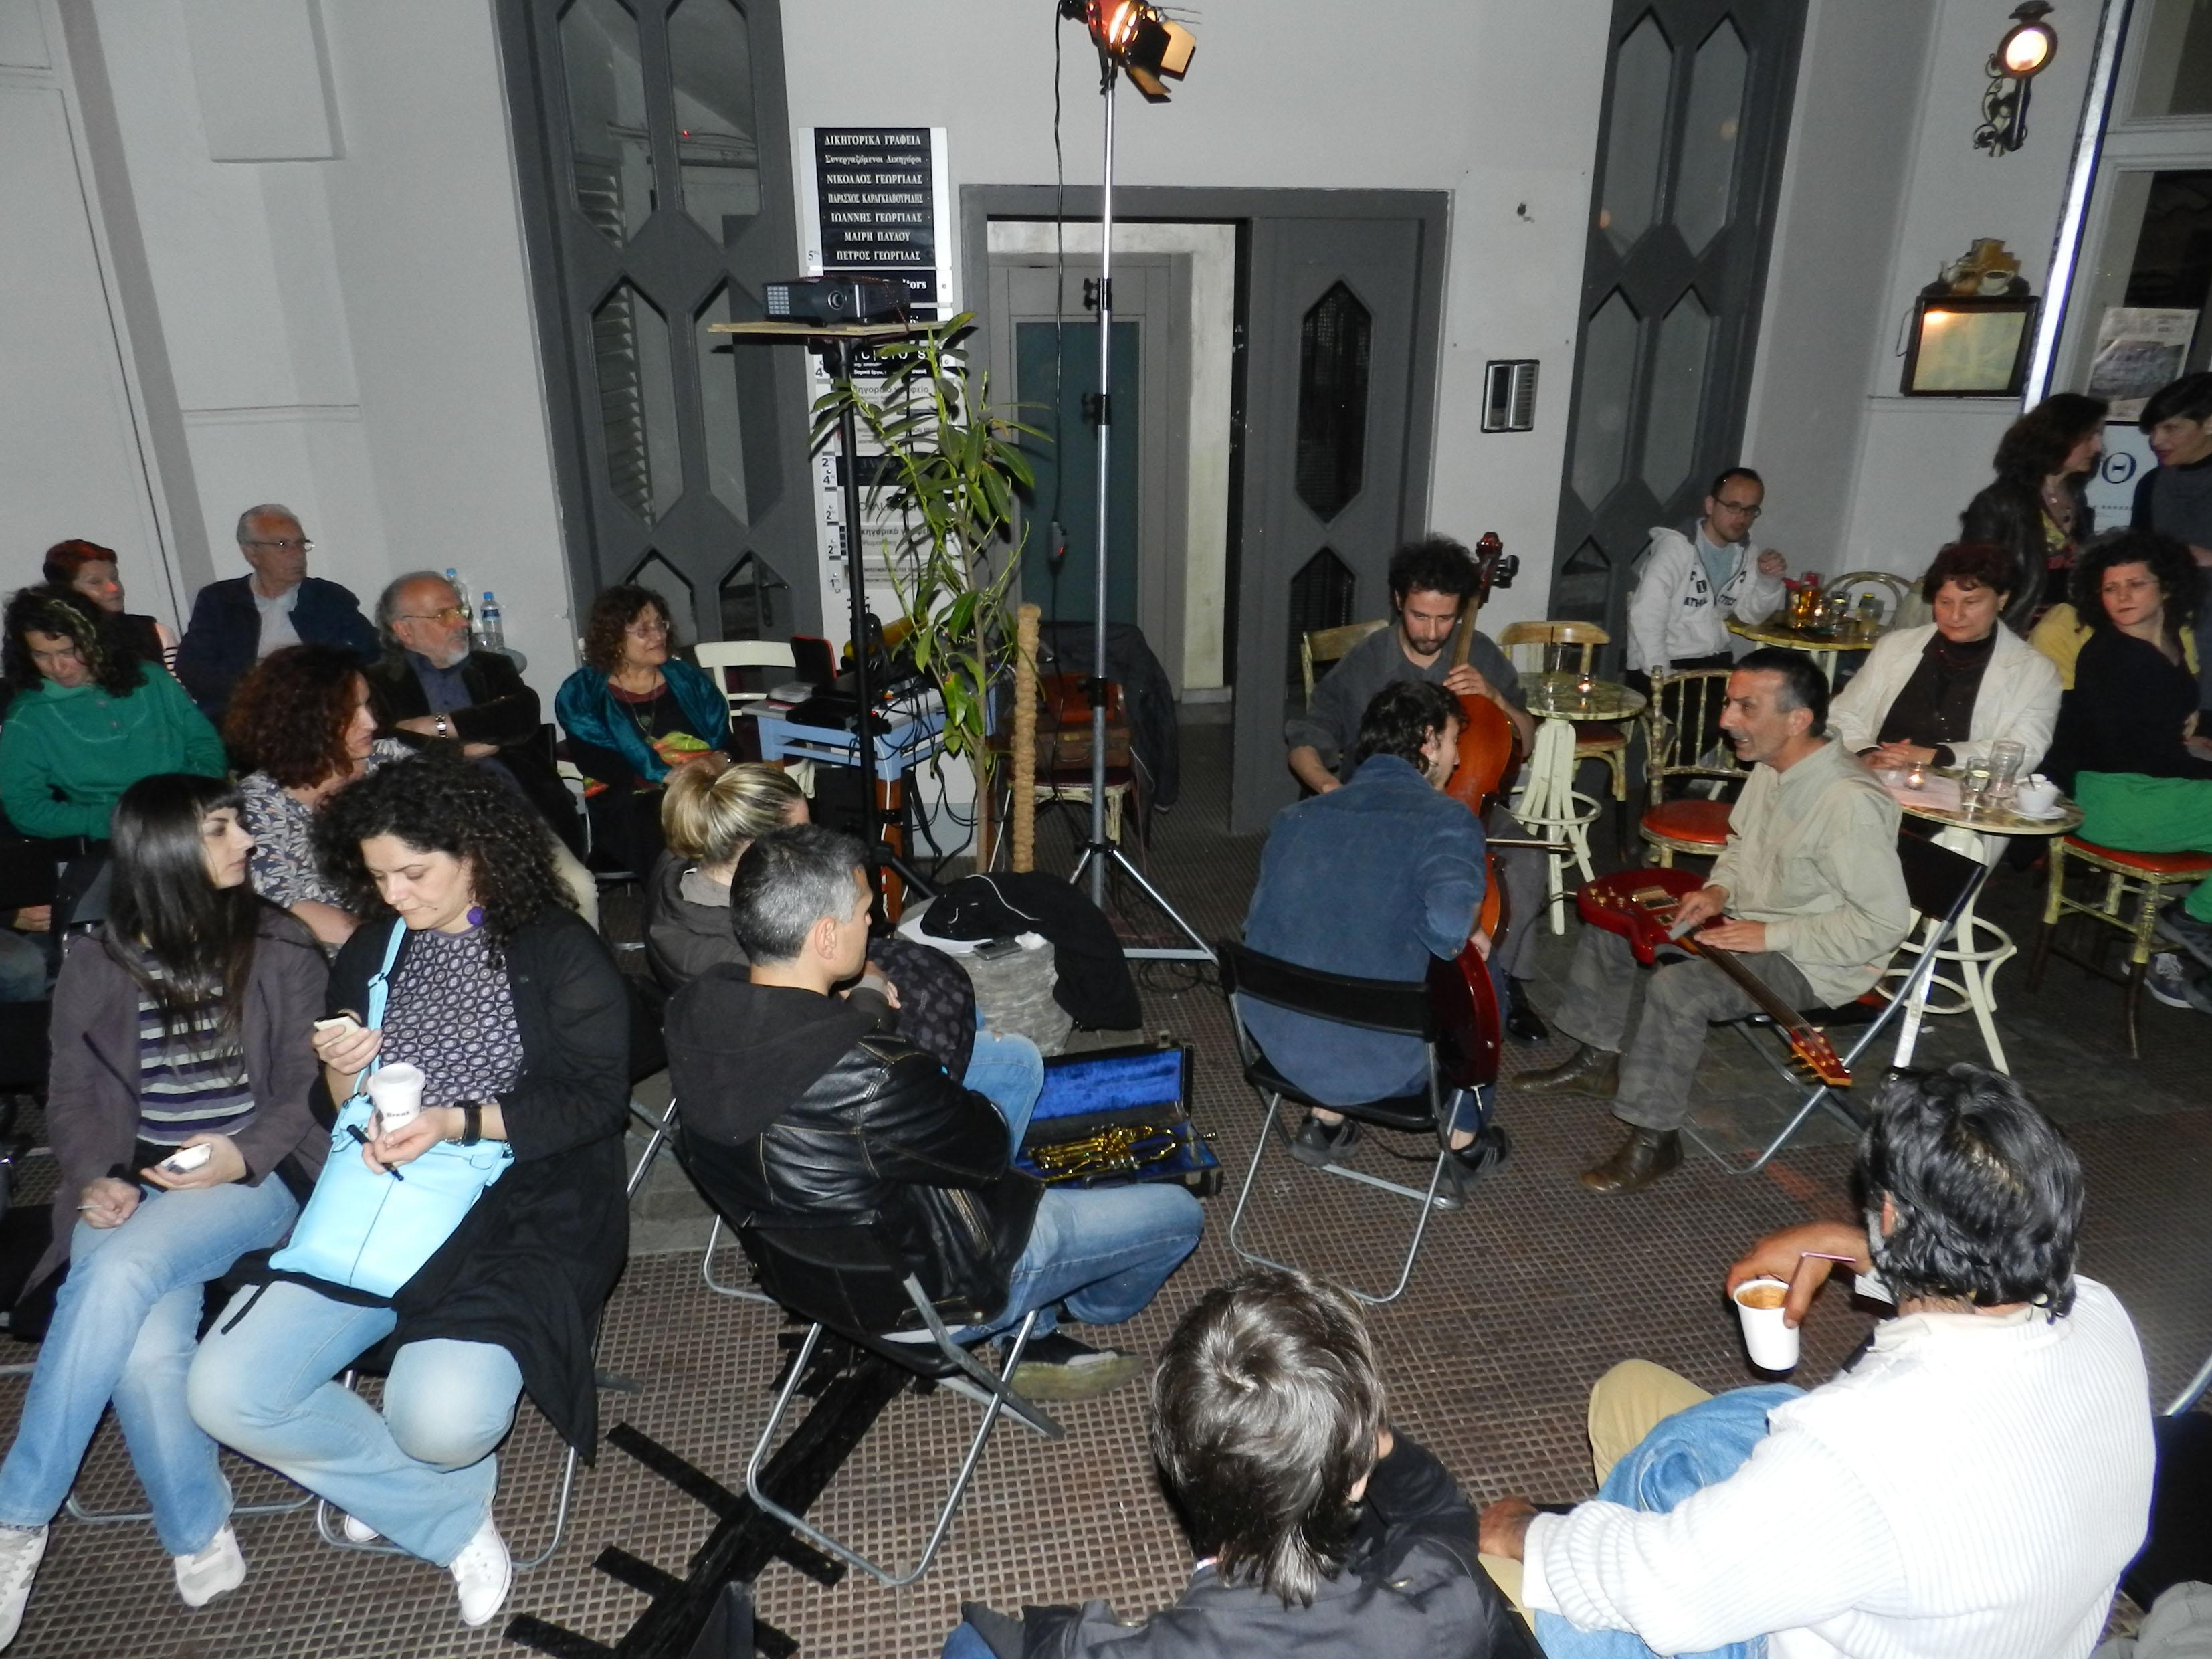 Το κοινό παρακολουθεί τη μουσική περφόρμανς.